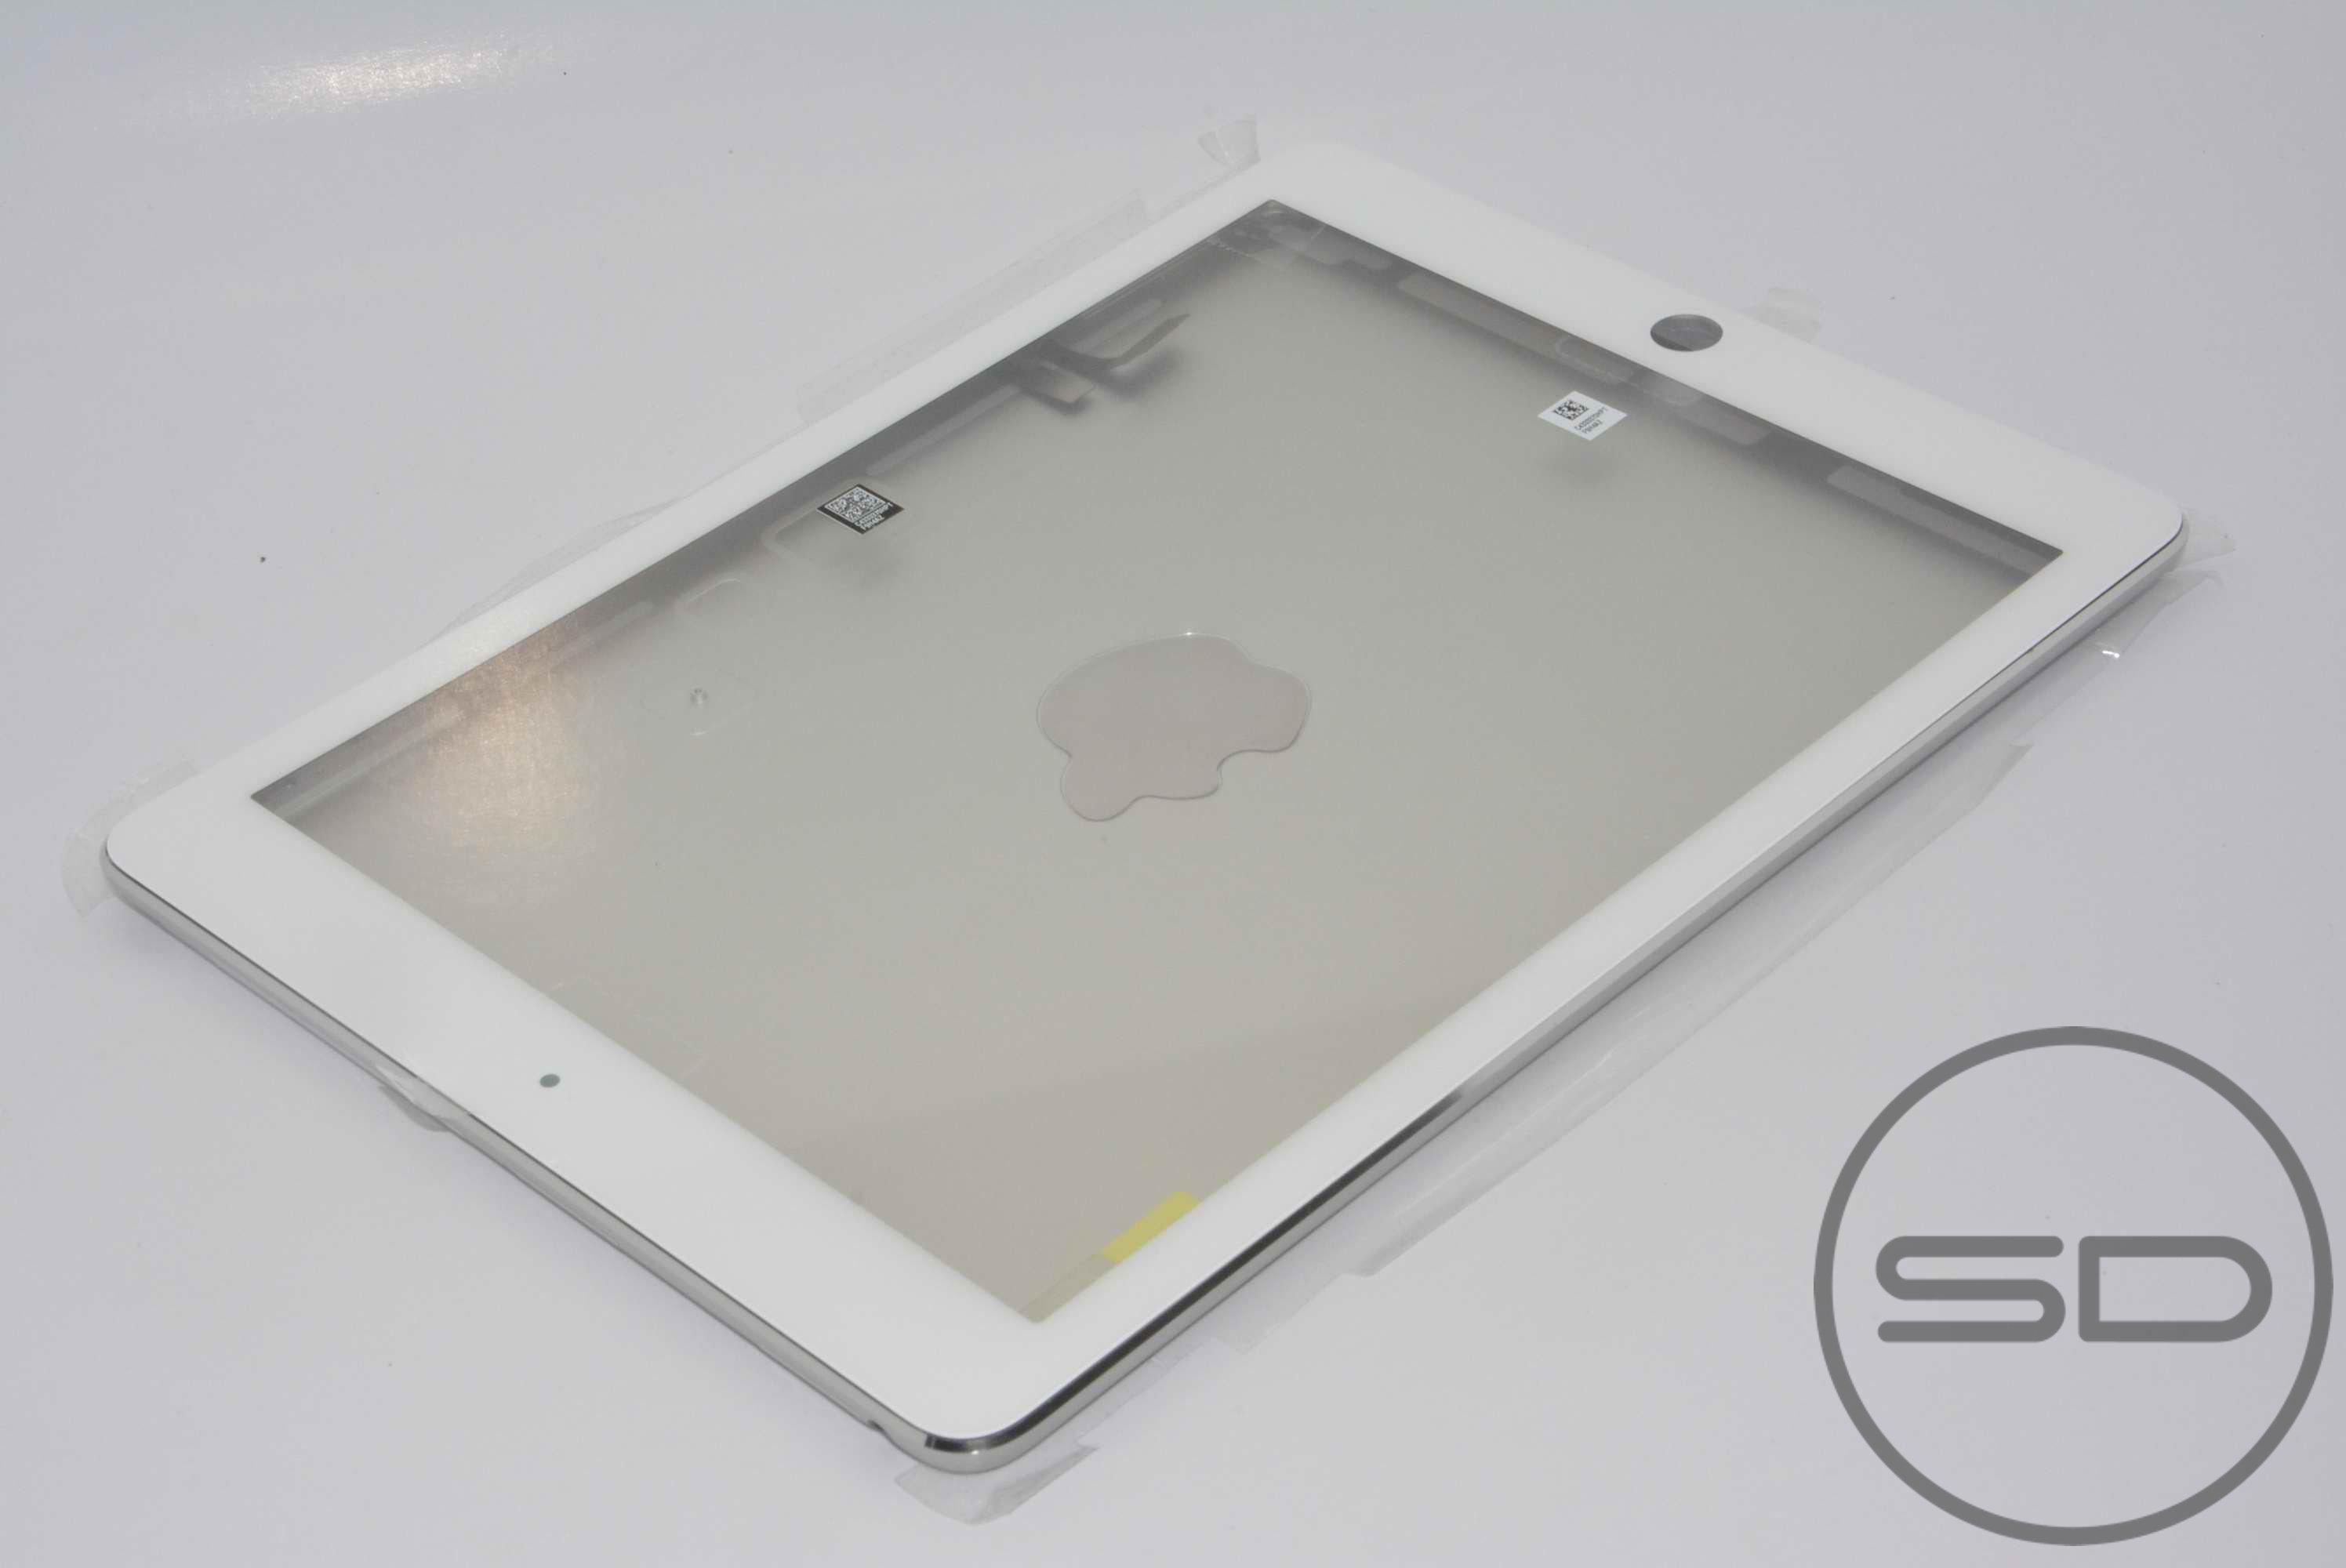 iPad 5 Fotos: So sieht Vorder- & Rückseite zusammen aus! 6